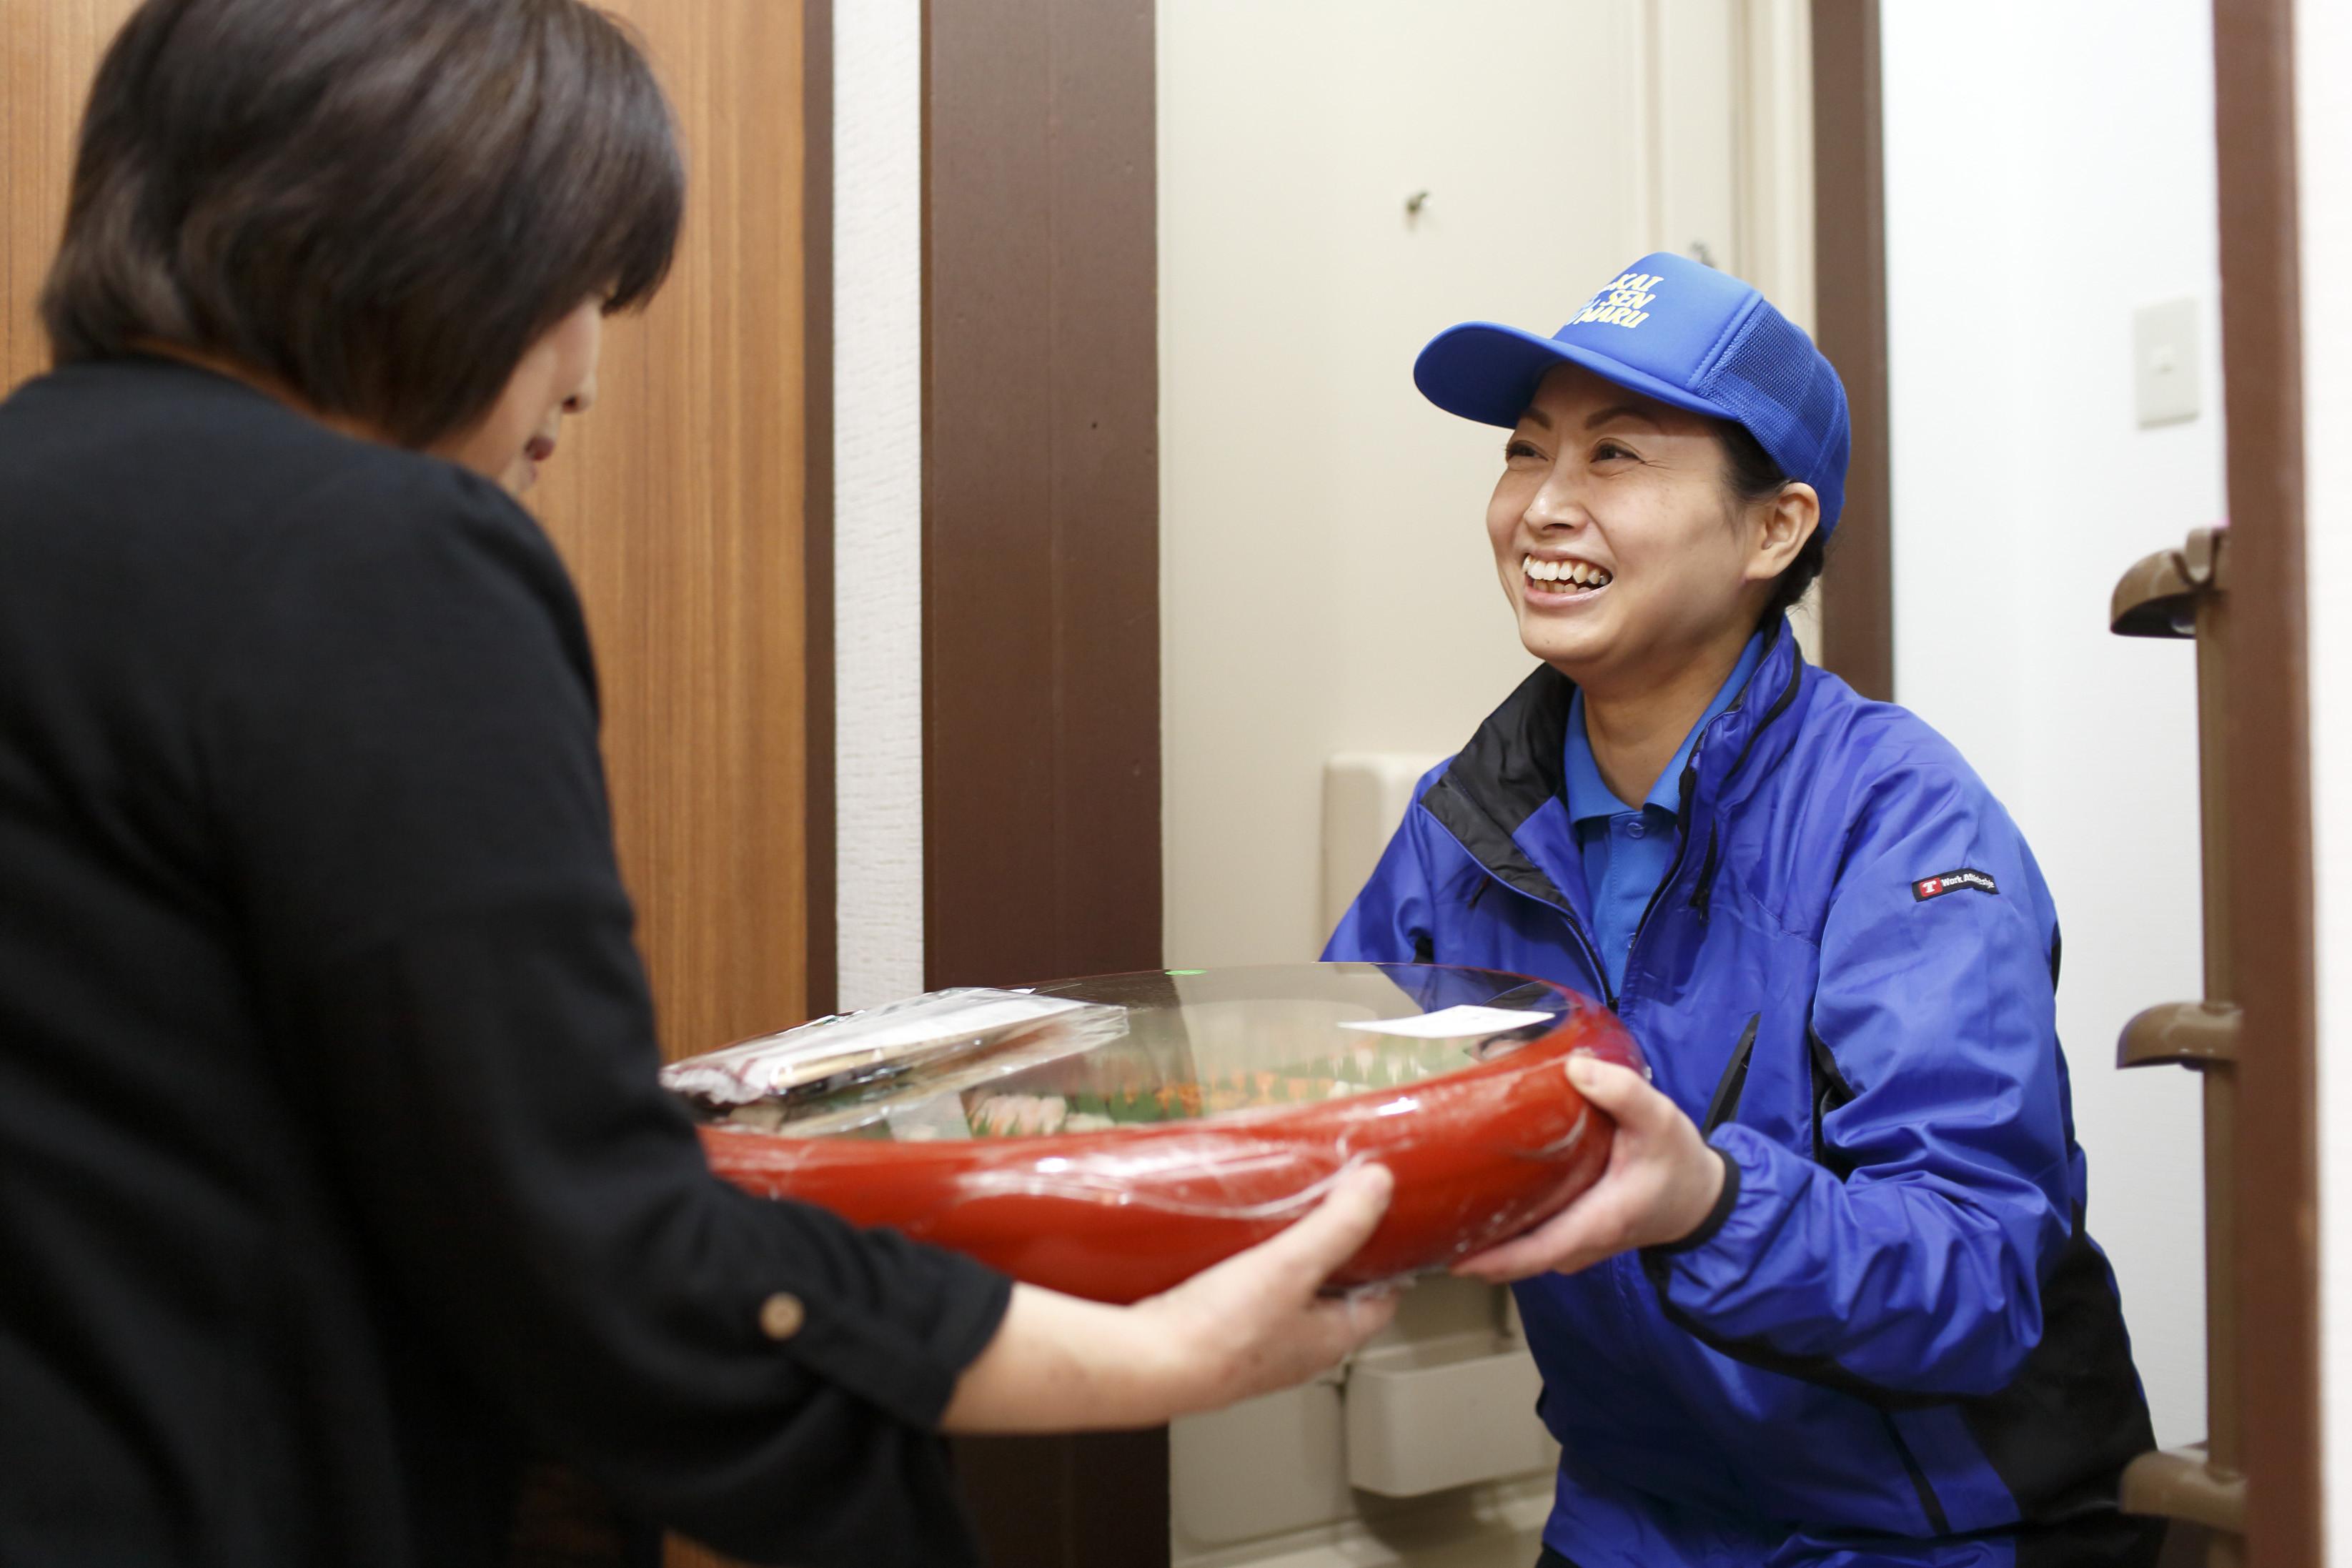 札幌海鮮丸 新琴似店 デリバリー(配達)スタッフのアルバイト情報